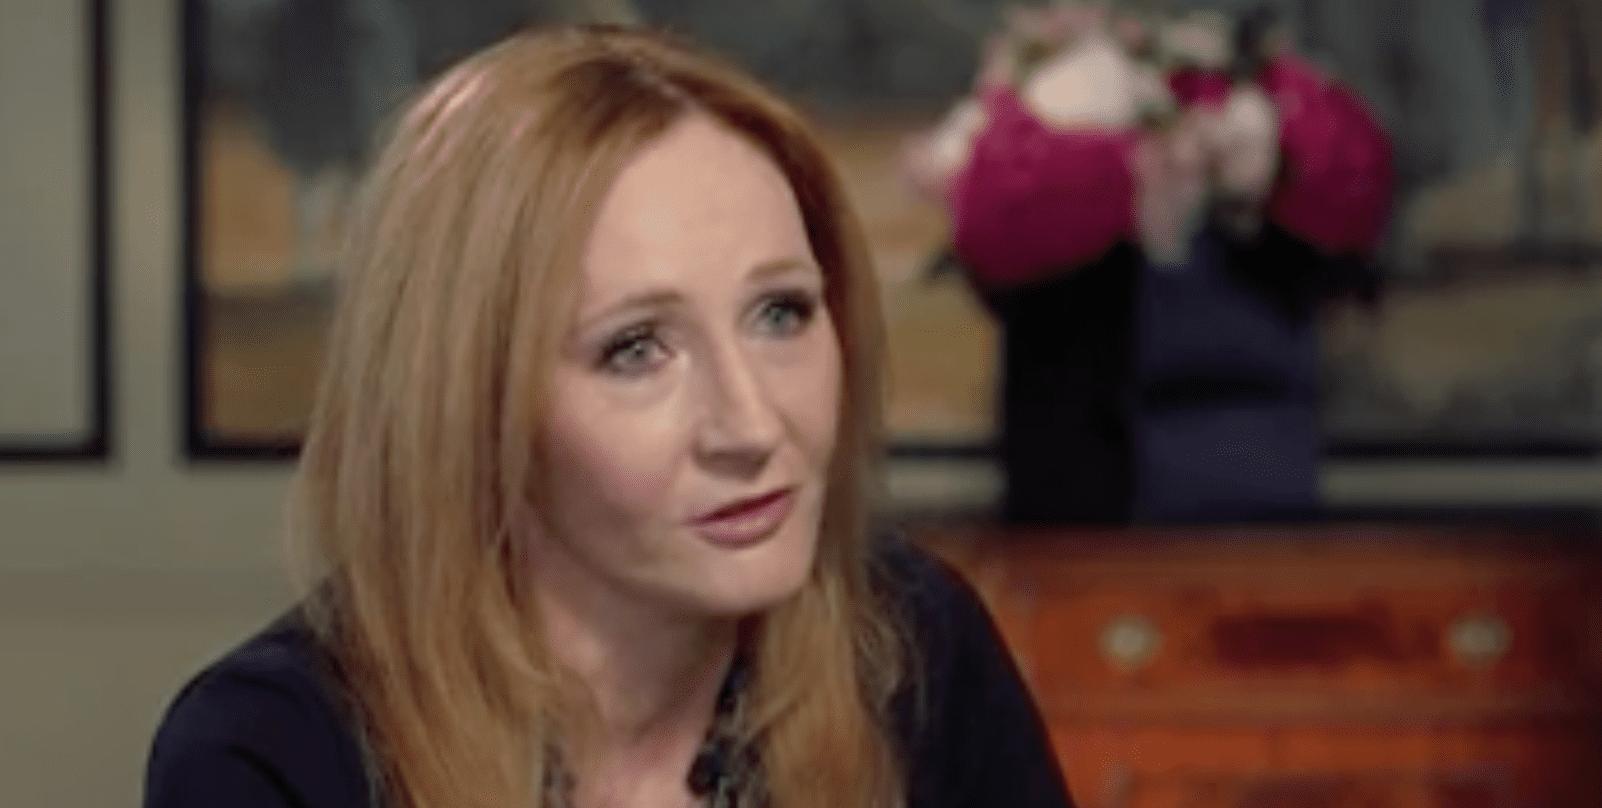 J.K. Rowling á óútgefið handrit að ævintýri og ætlar kannski ekki að gefa það út